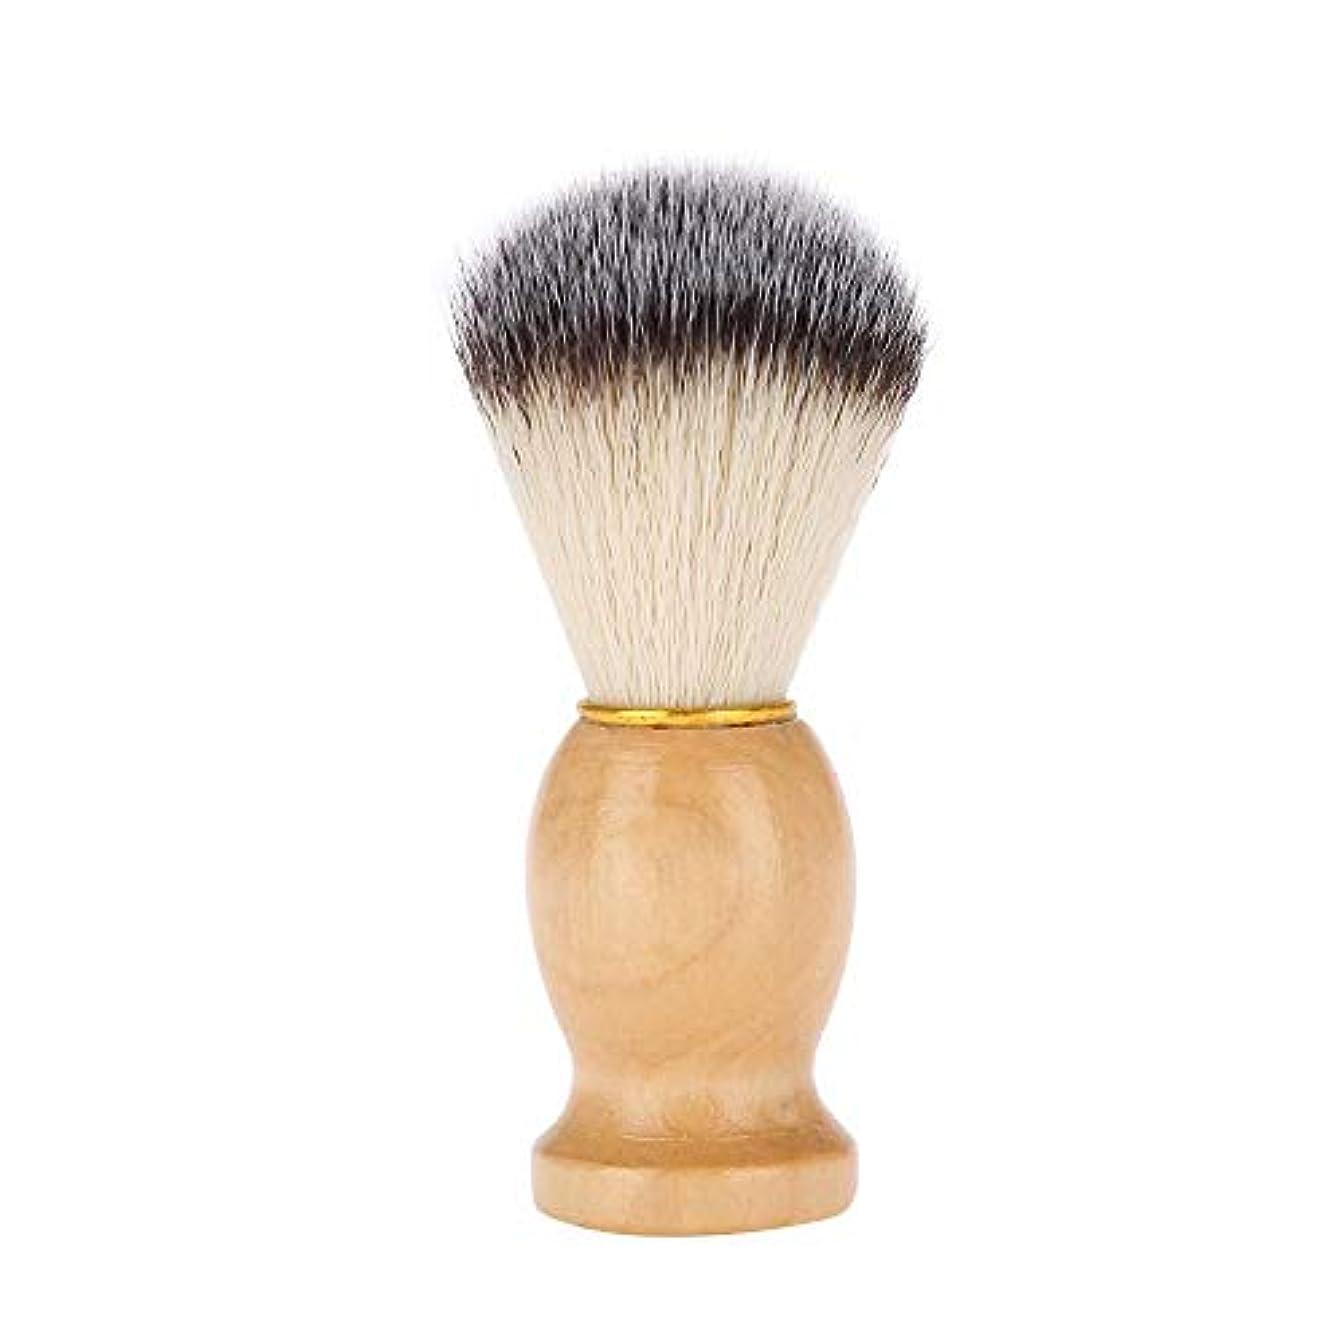 操縦する著名な噂シェービングブラシ、髭清掃美容カバー  理髪ブラシ メンズグルーミングツー ル ひげ剃りブラシ メイクアップバーバーサロン 家庭用 旅行用 男性 贈り物